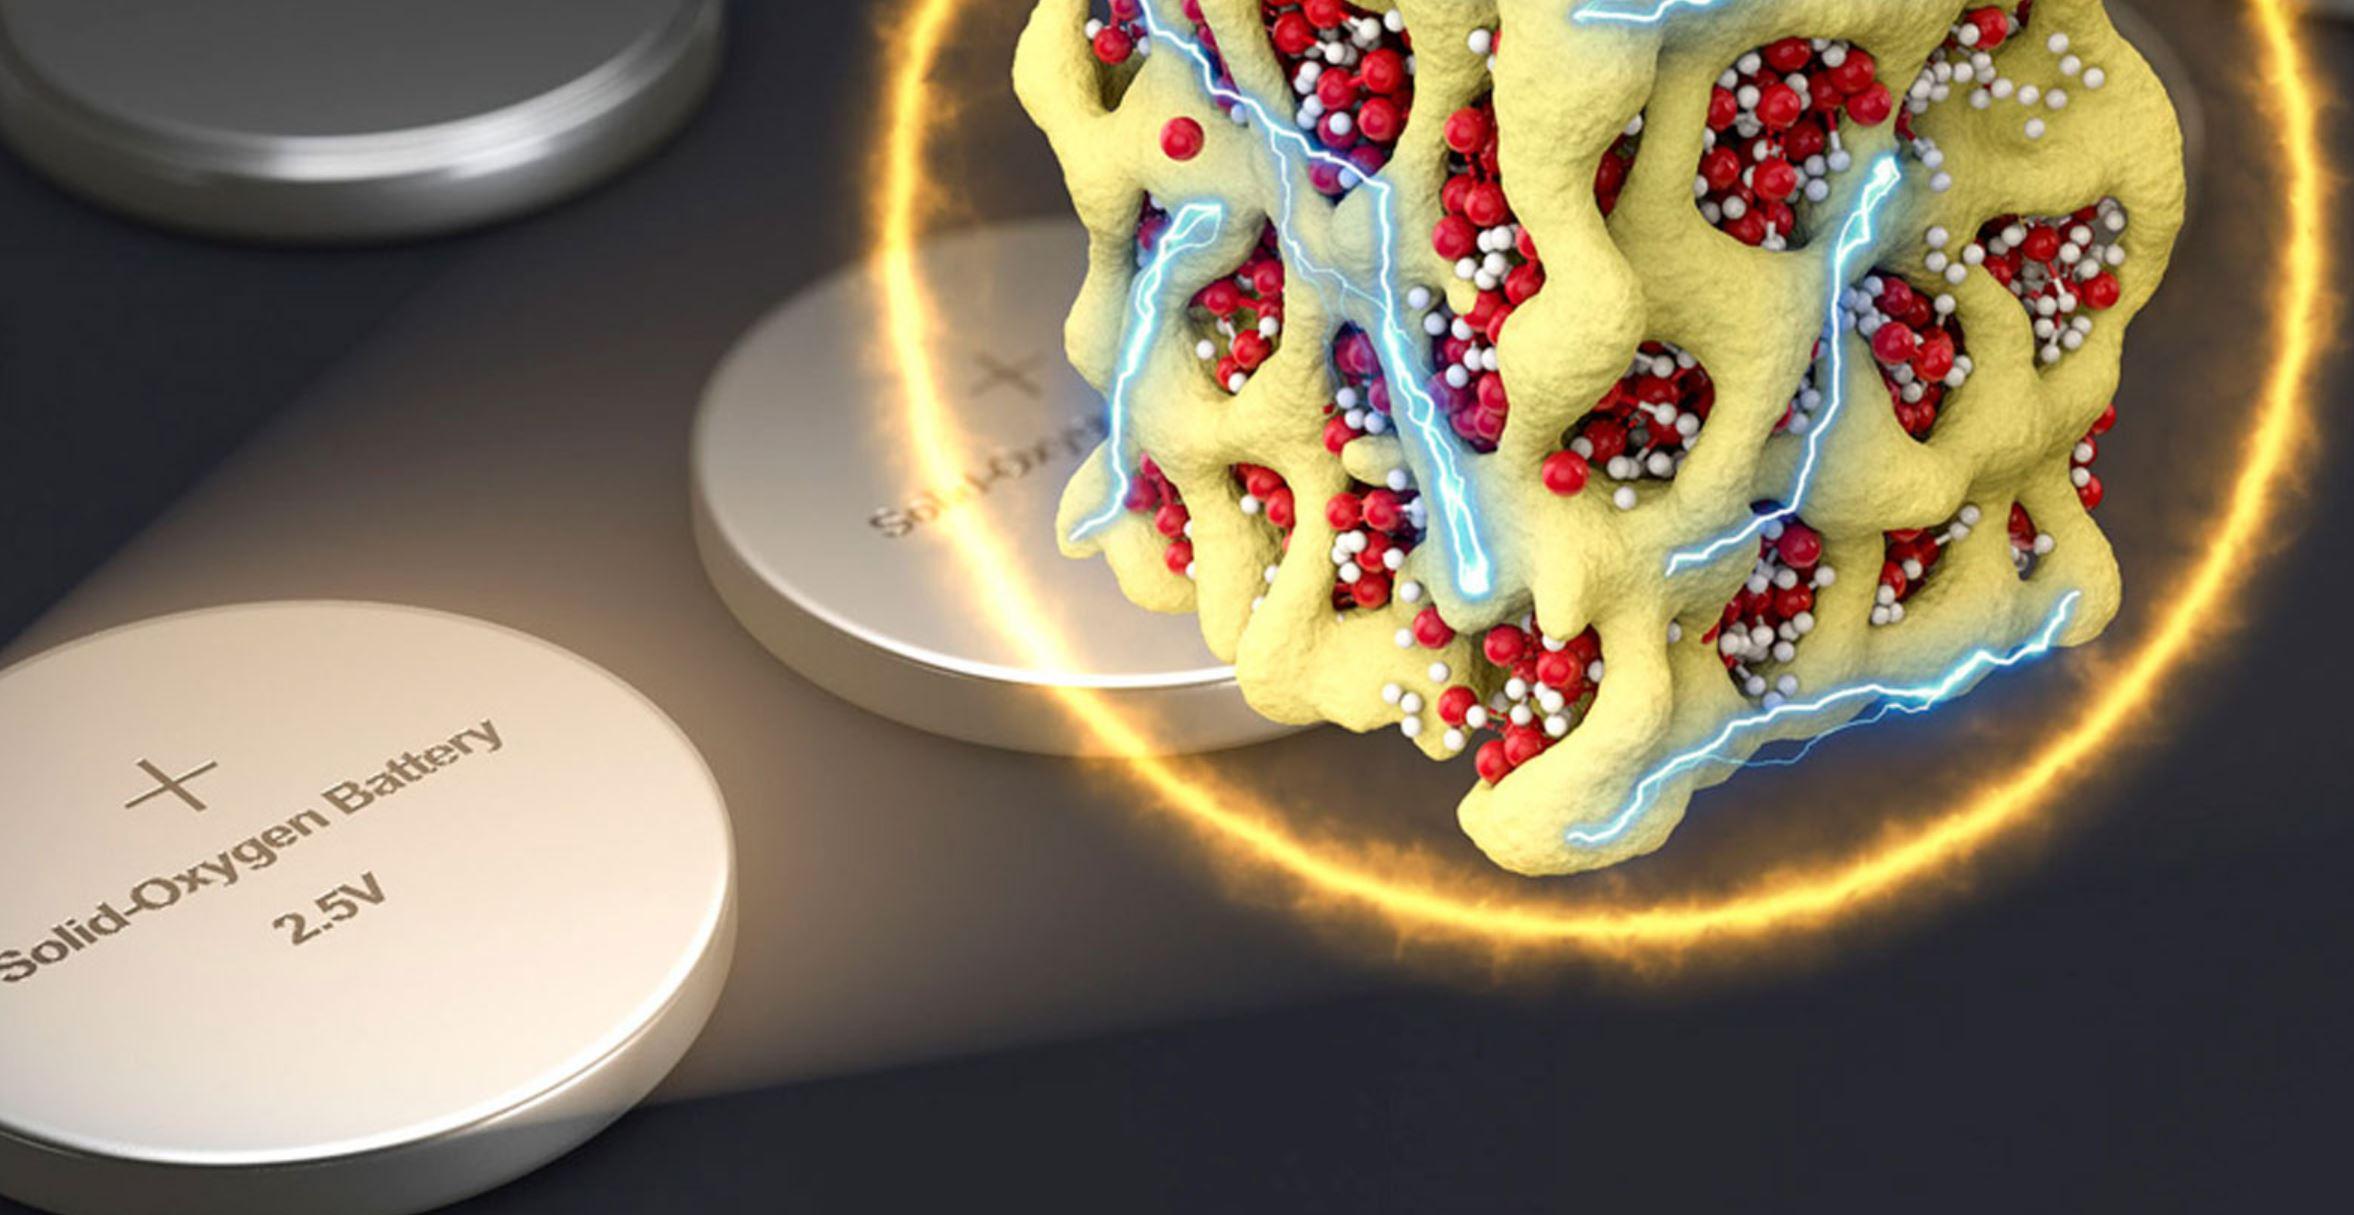 Crean una potente batería de litio-oxígeno para vehículos eléctricos